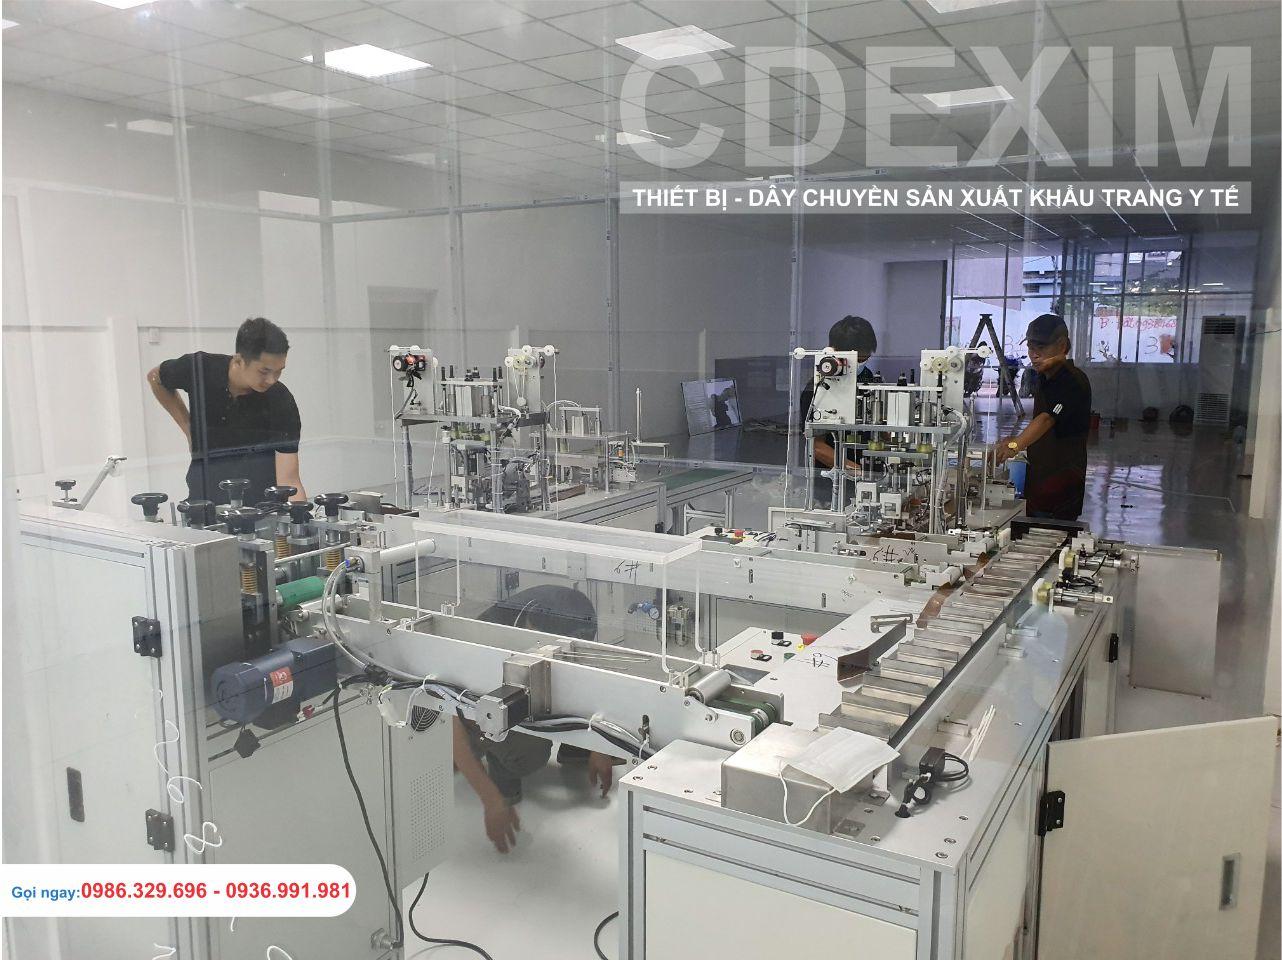 Kỹ sư CDEXIM kiểm tra nguồn điện trước khi vận hành